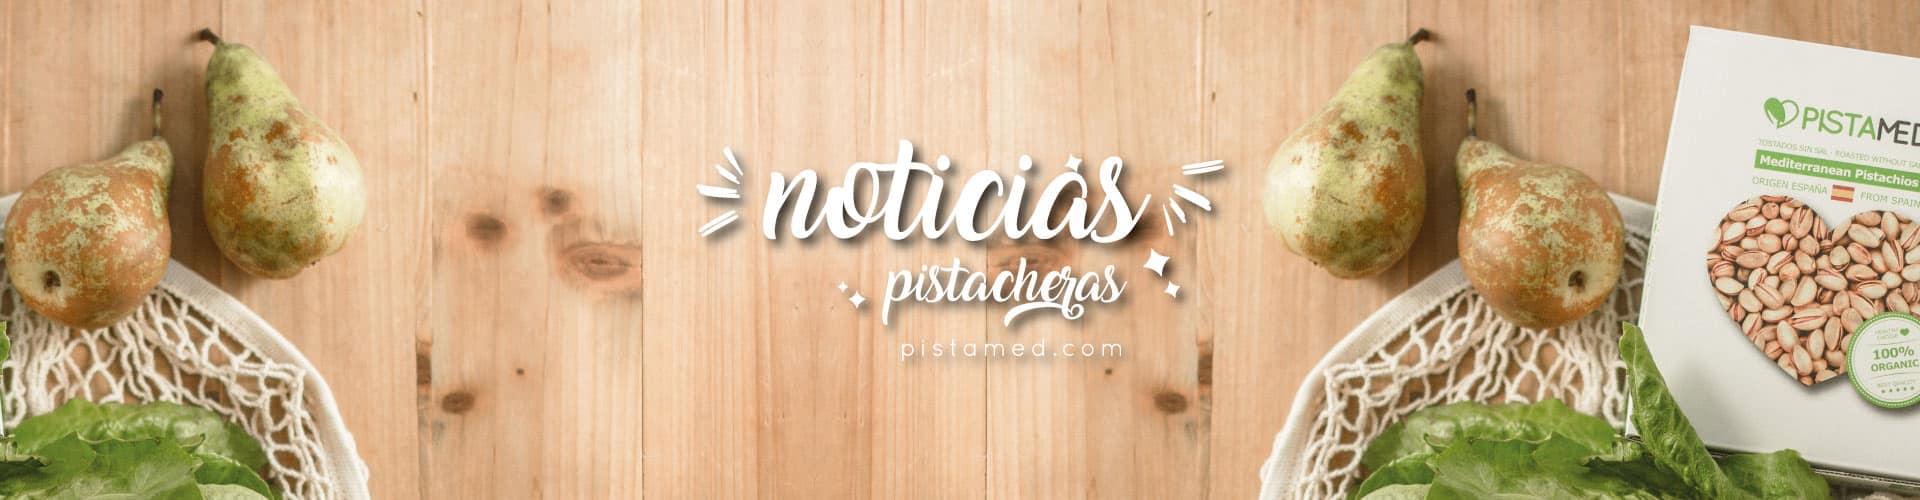 Noticias pistachos